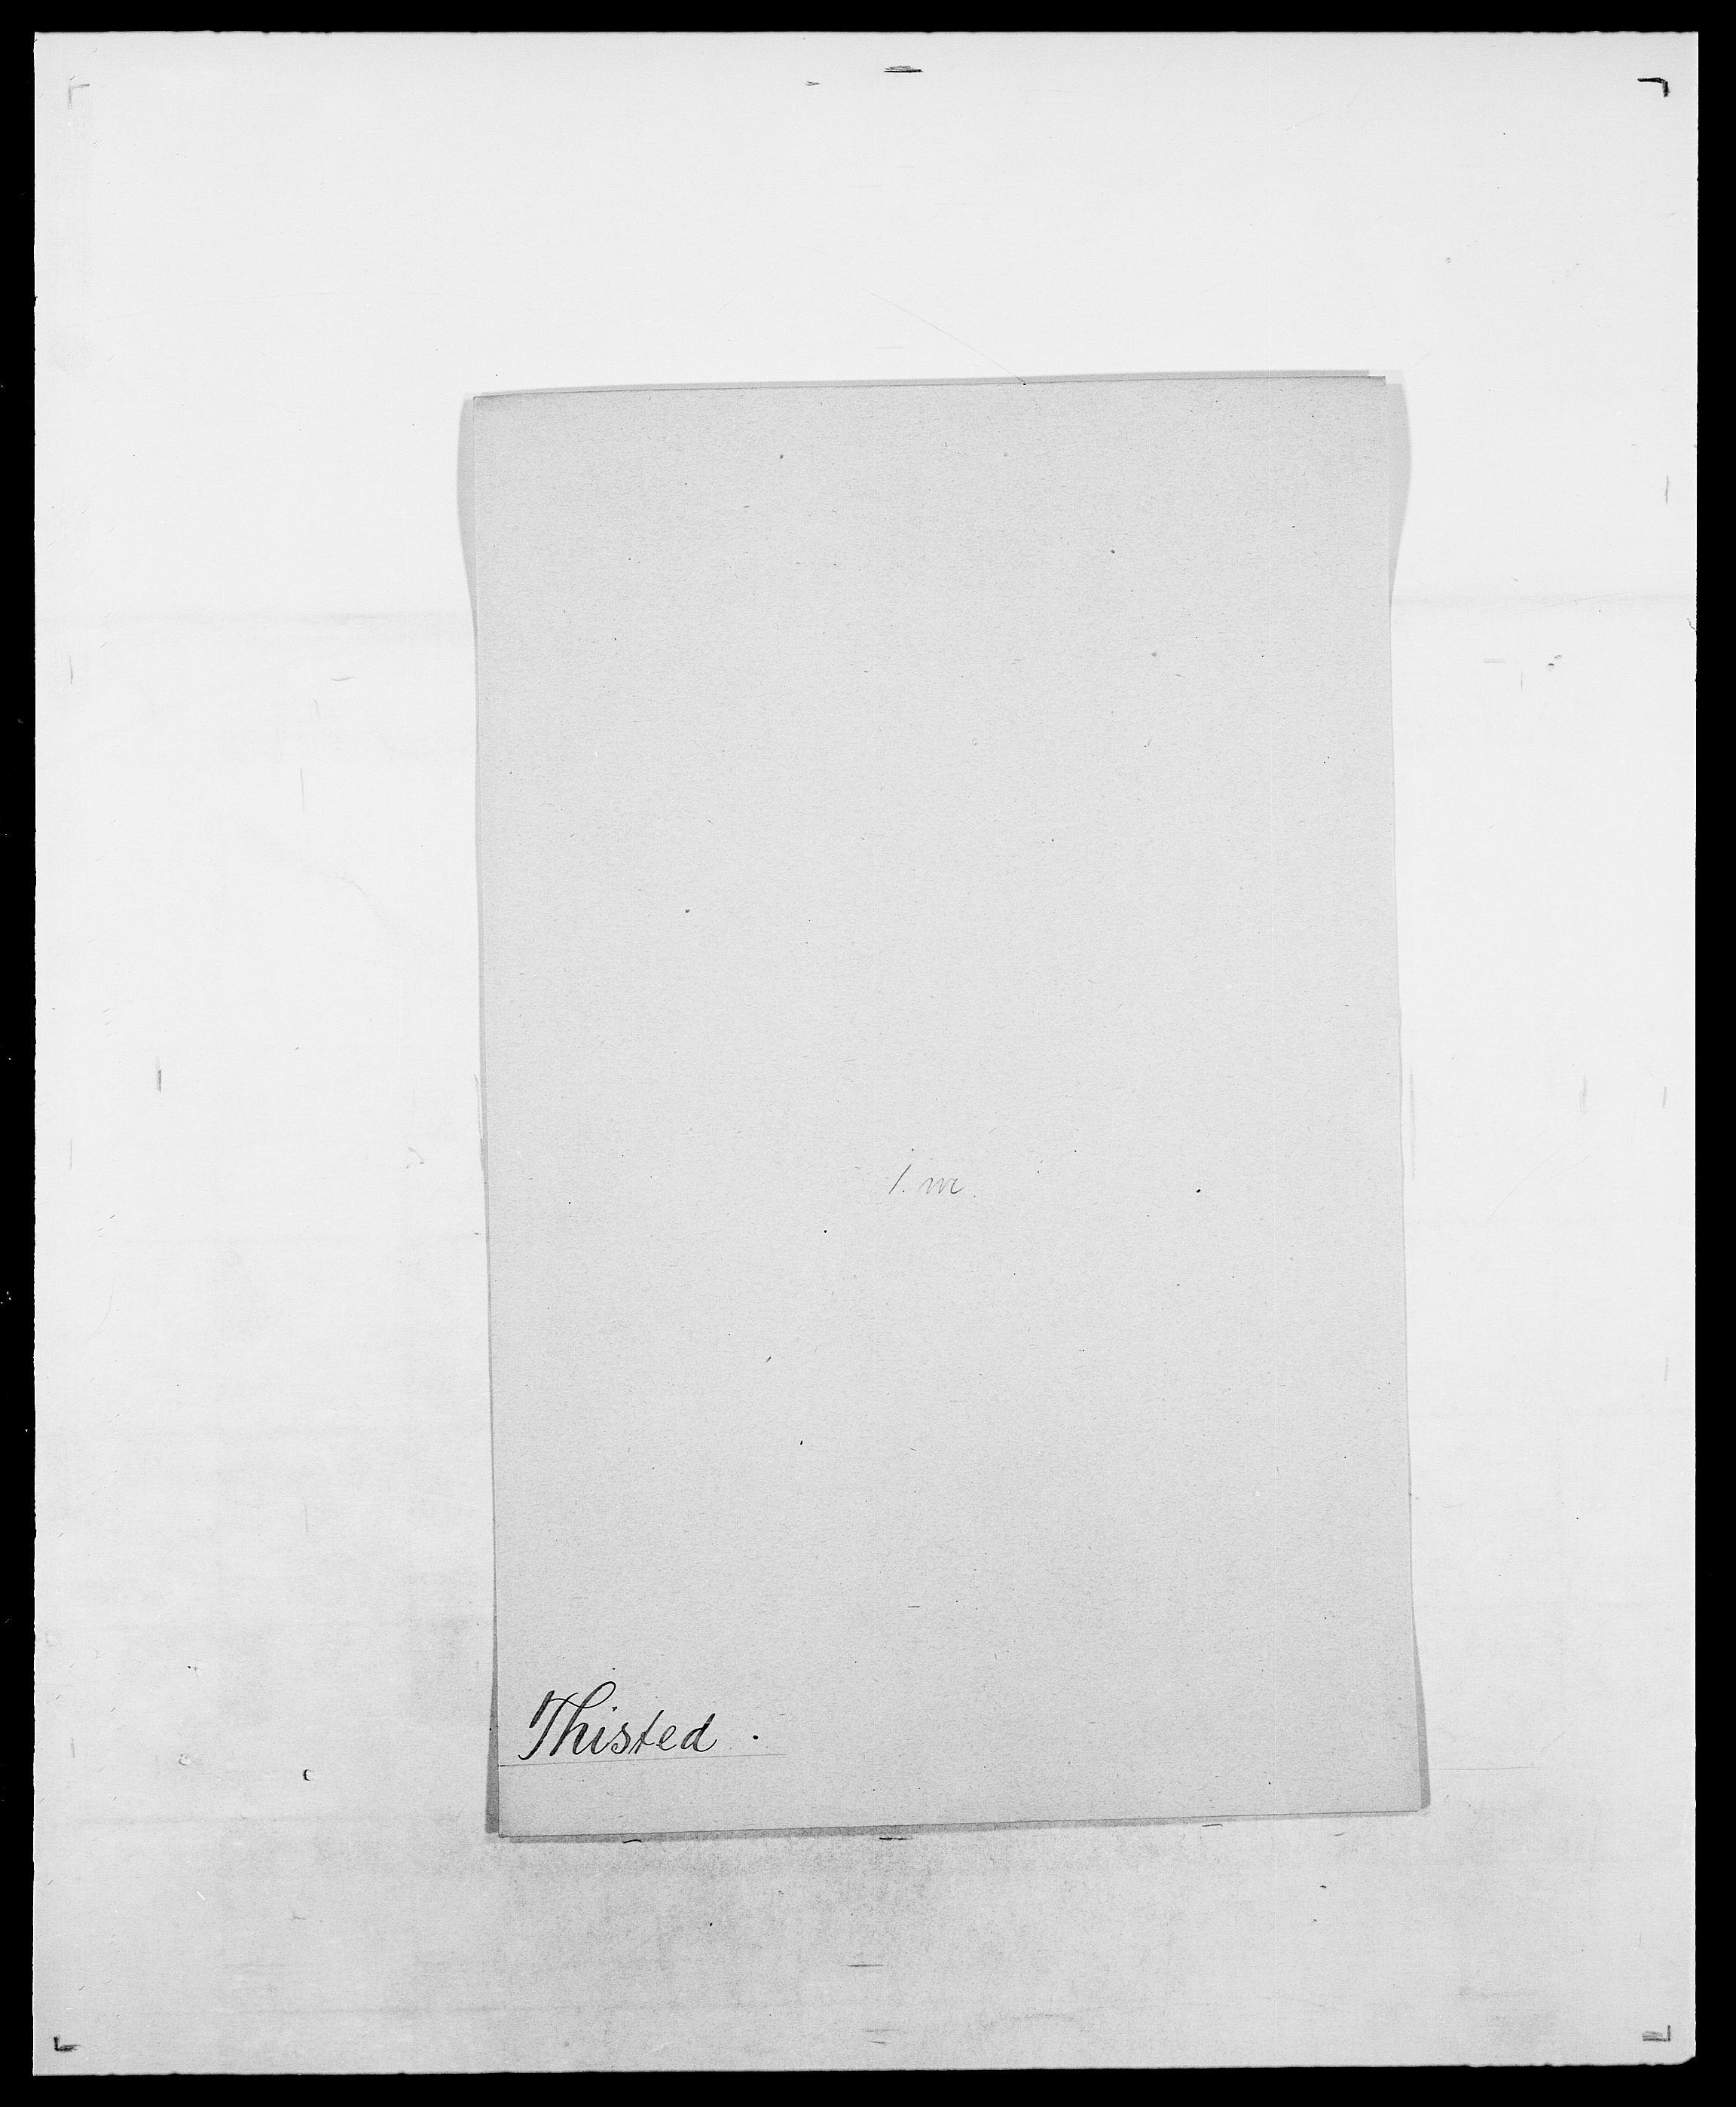 SAO, Delgobe, Charles Antoine - samling, D/Da/L0038: Svanenskjold - Thornsohn, s. 734